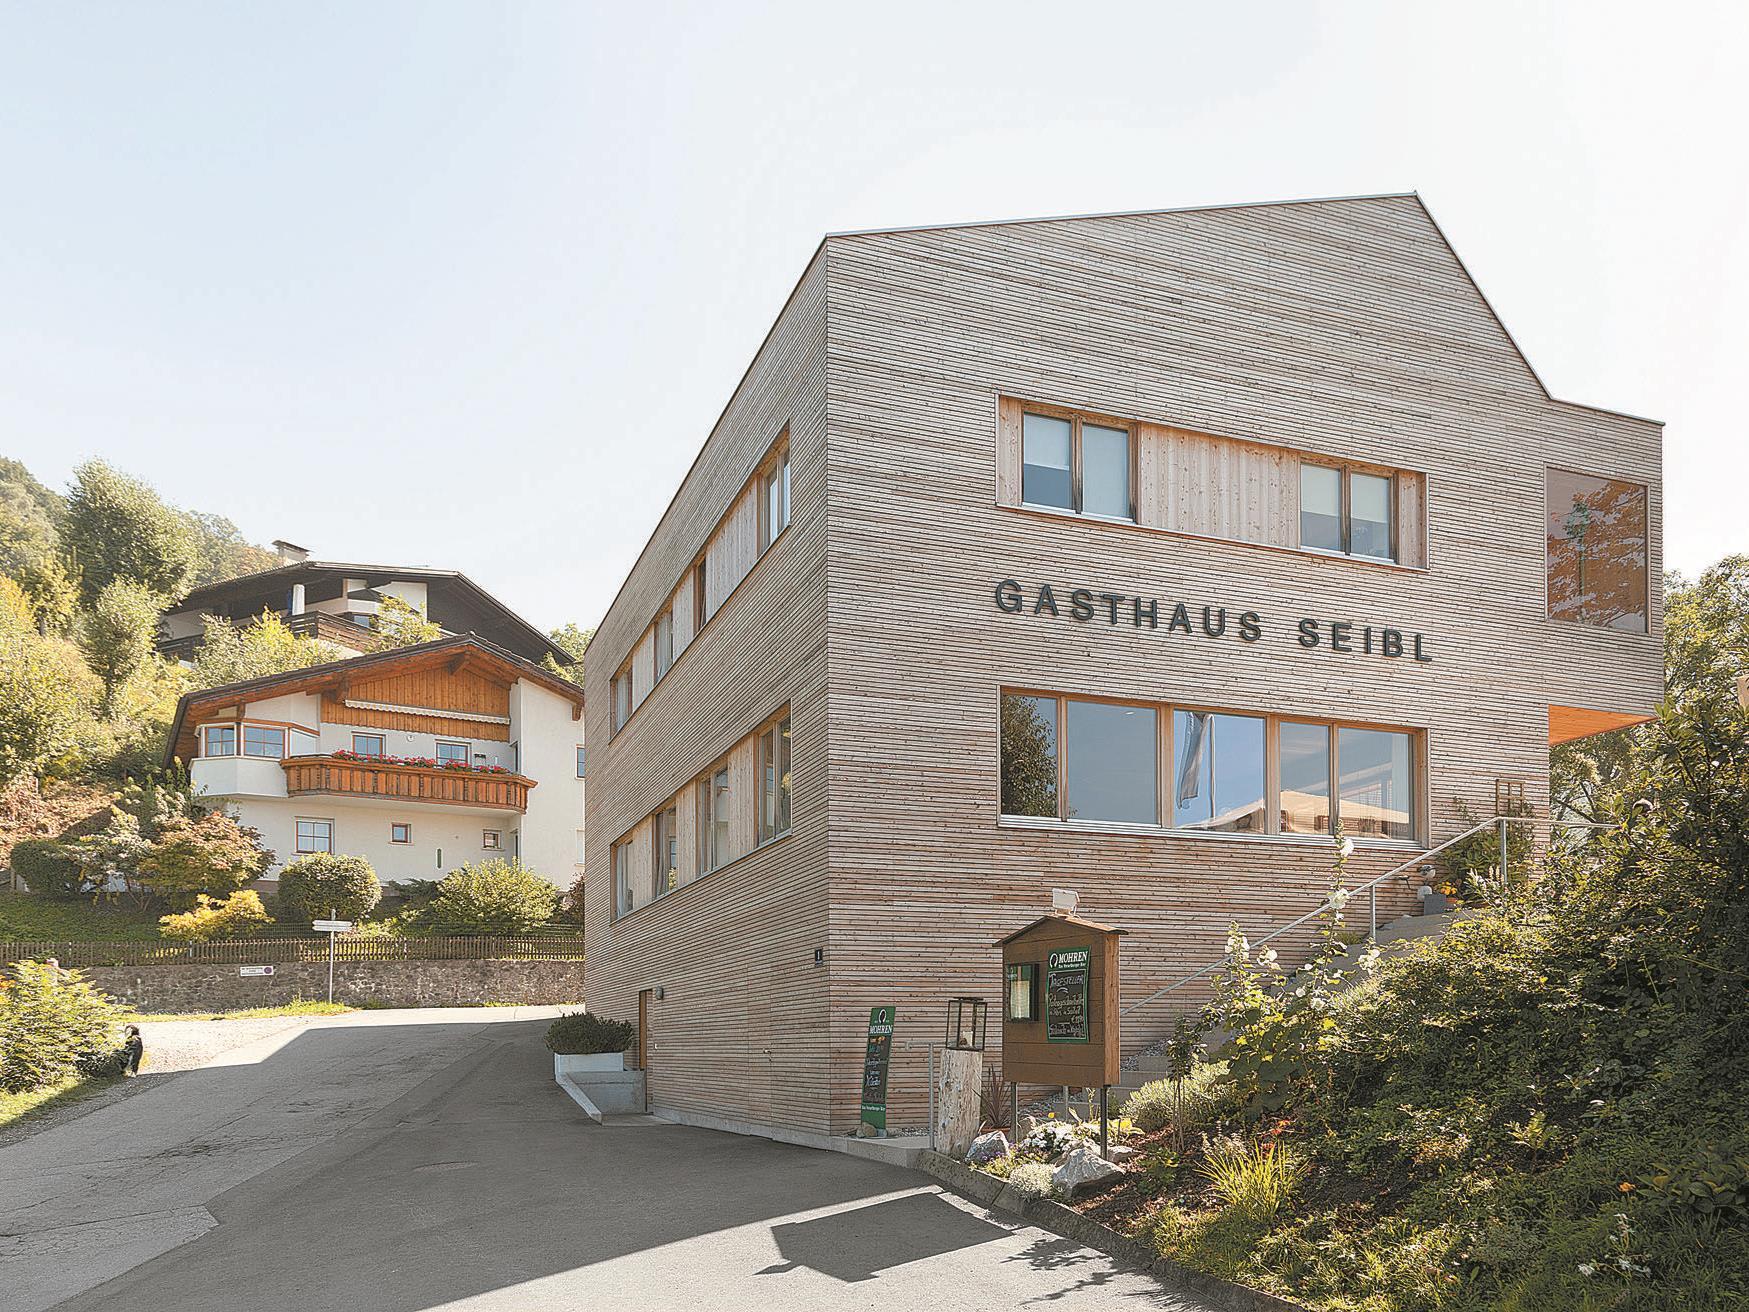 Giebelständig zum Hang wie die Nachbarschaft – ohne Lederhosenarchitektur. Mit markantem asymmetrischem Dach wegen des gemeinsamen Giebels und der angehängten Loggia.